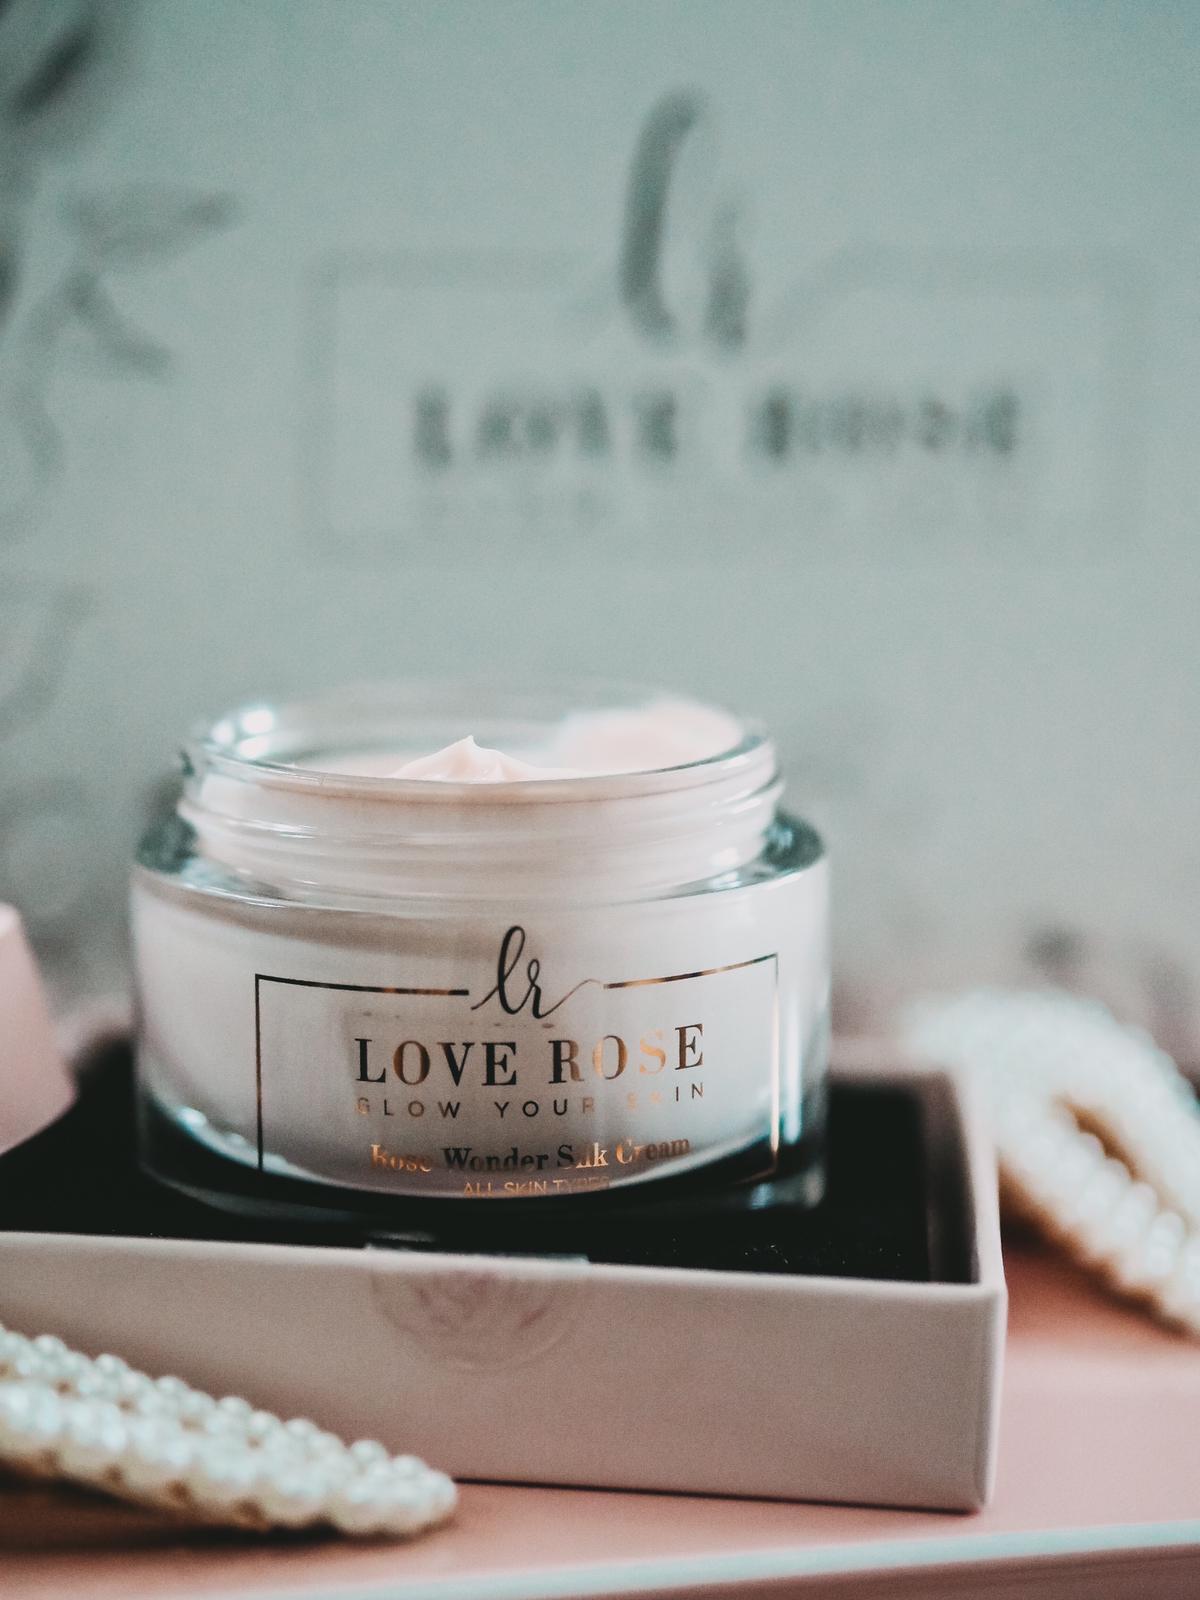 Die Rose Wonder Silk Cream von Love Rose Cosmetics bringt einen Flow auf die Haut.